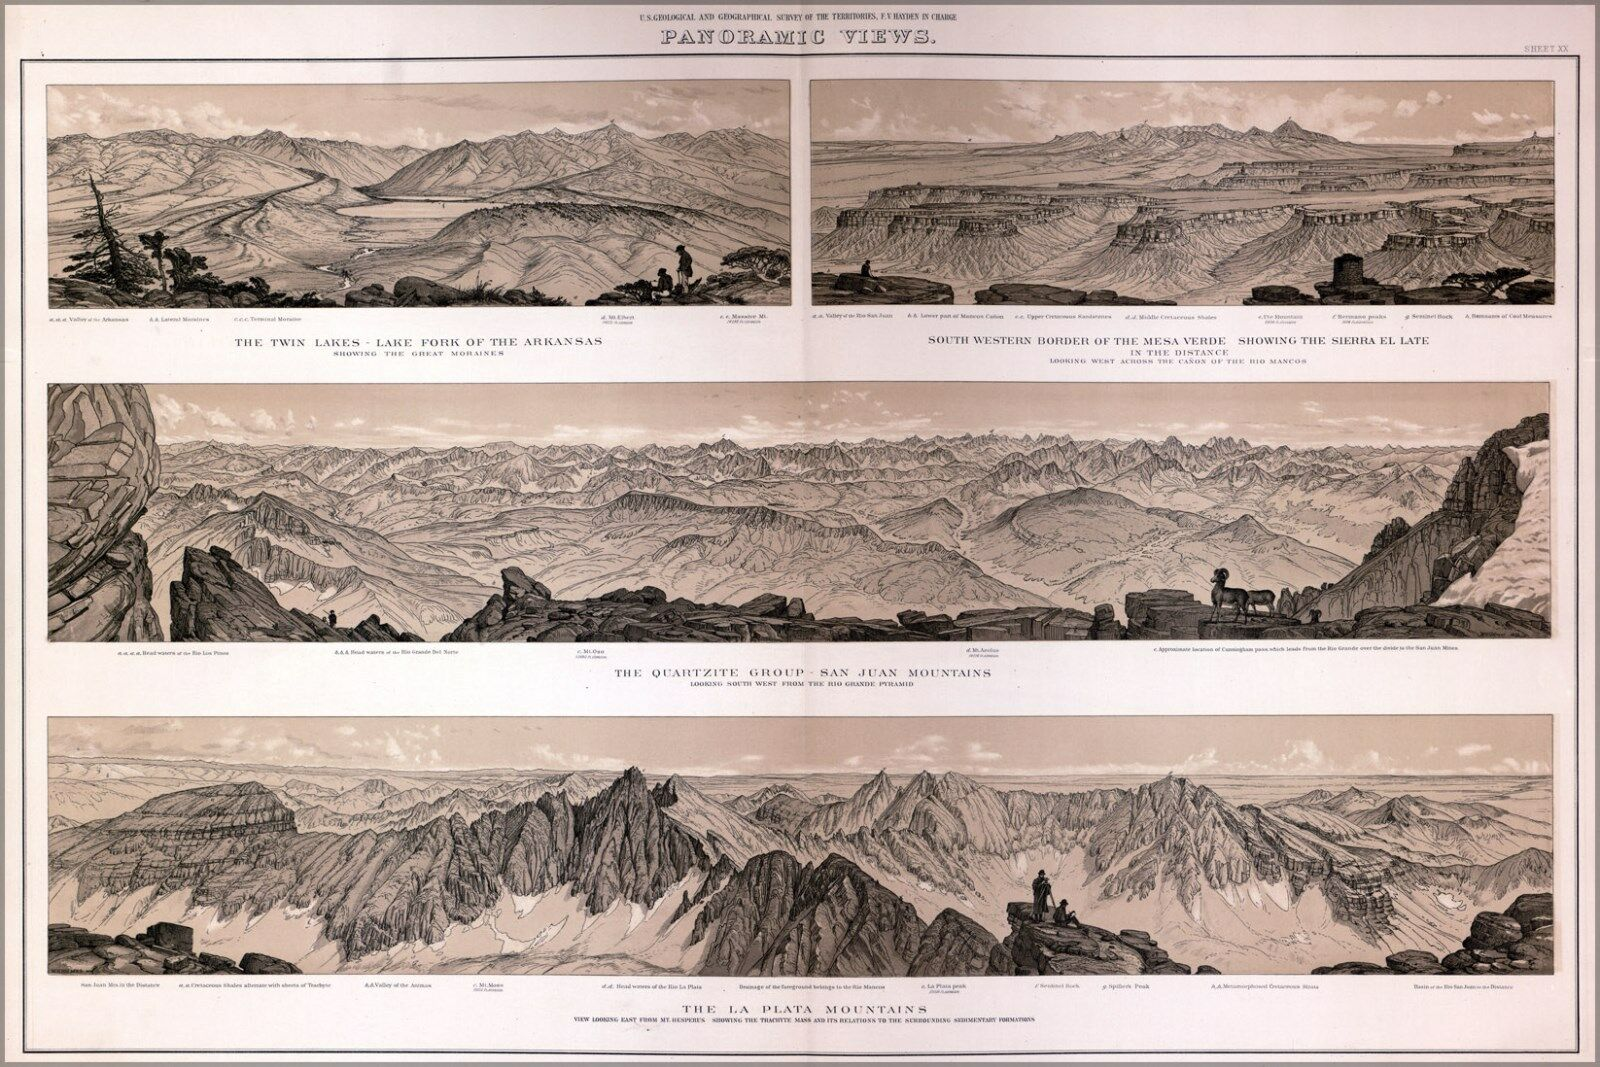 Plakat, Viele Größen; Panoramisch von Farbeado 1877 P2